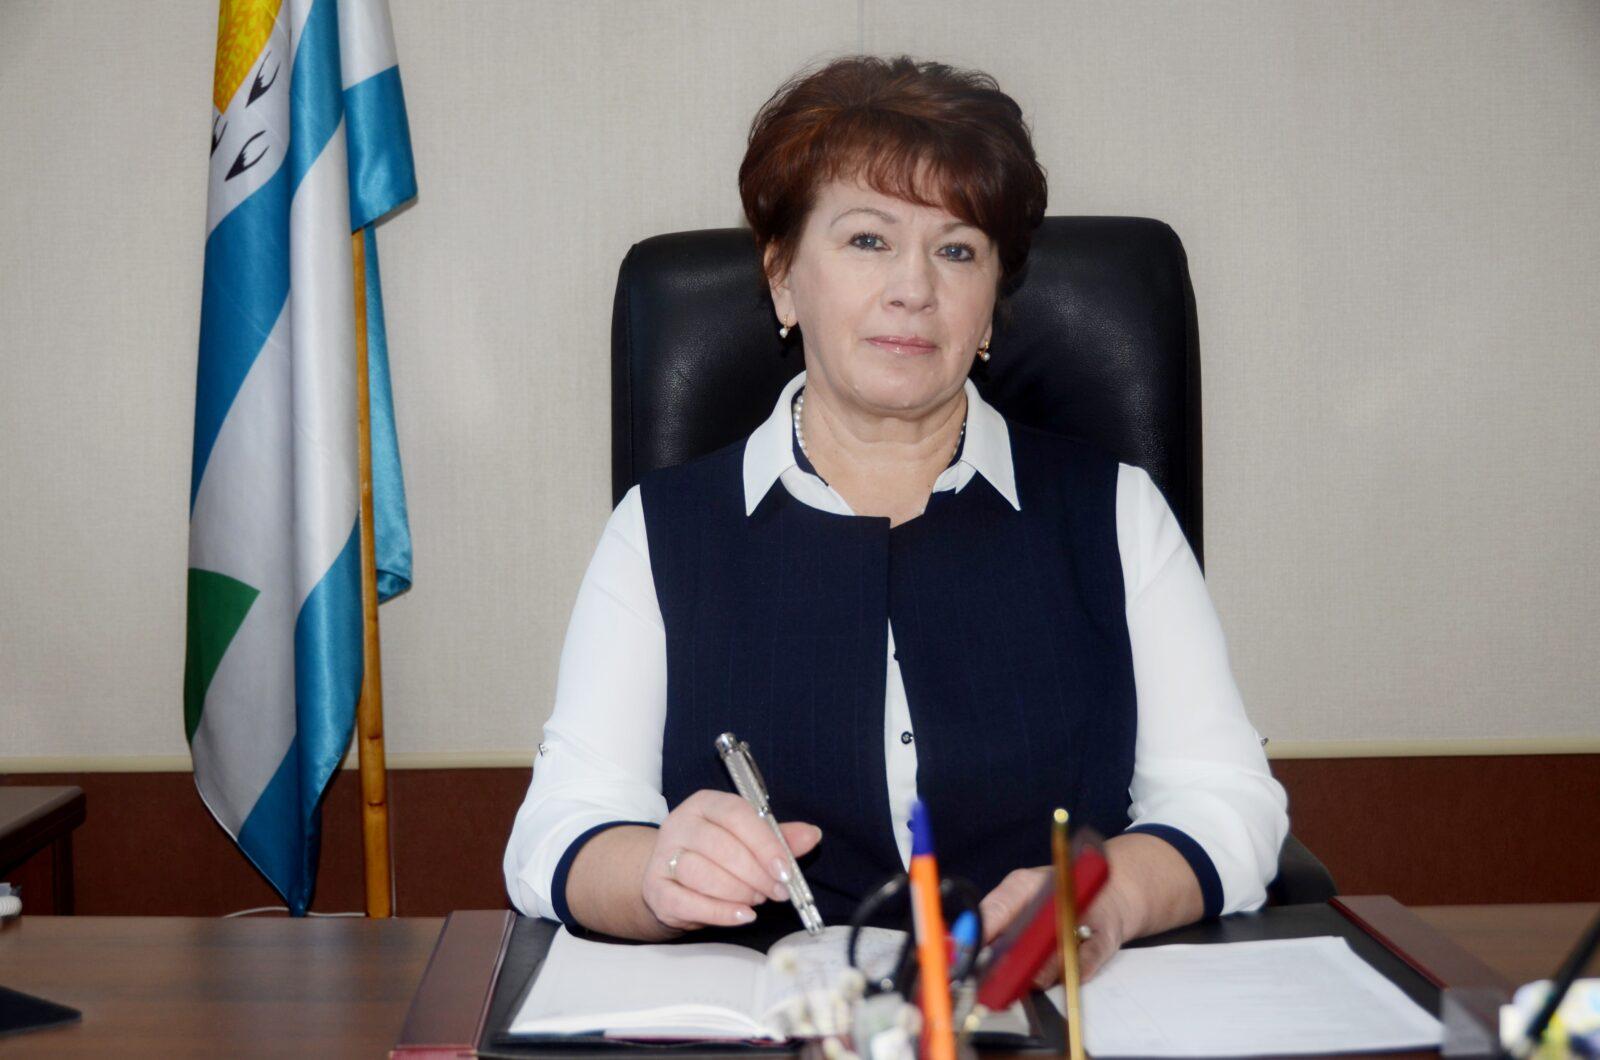 Наталья Рощина: Сегодня мы наблюдаем оздоровление бюджета